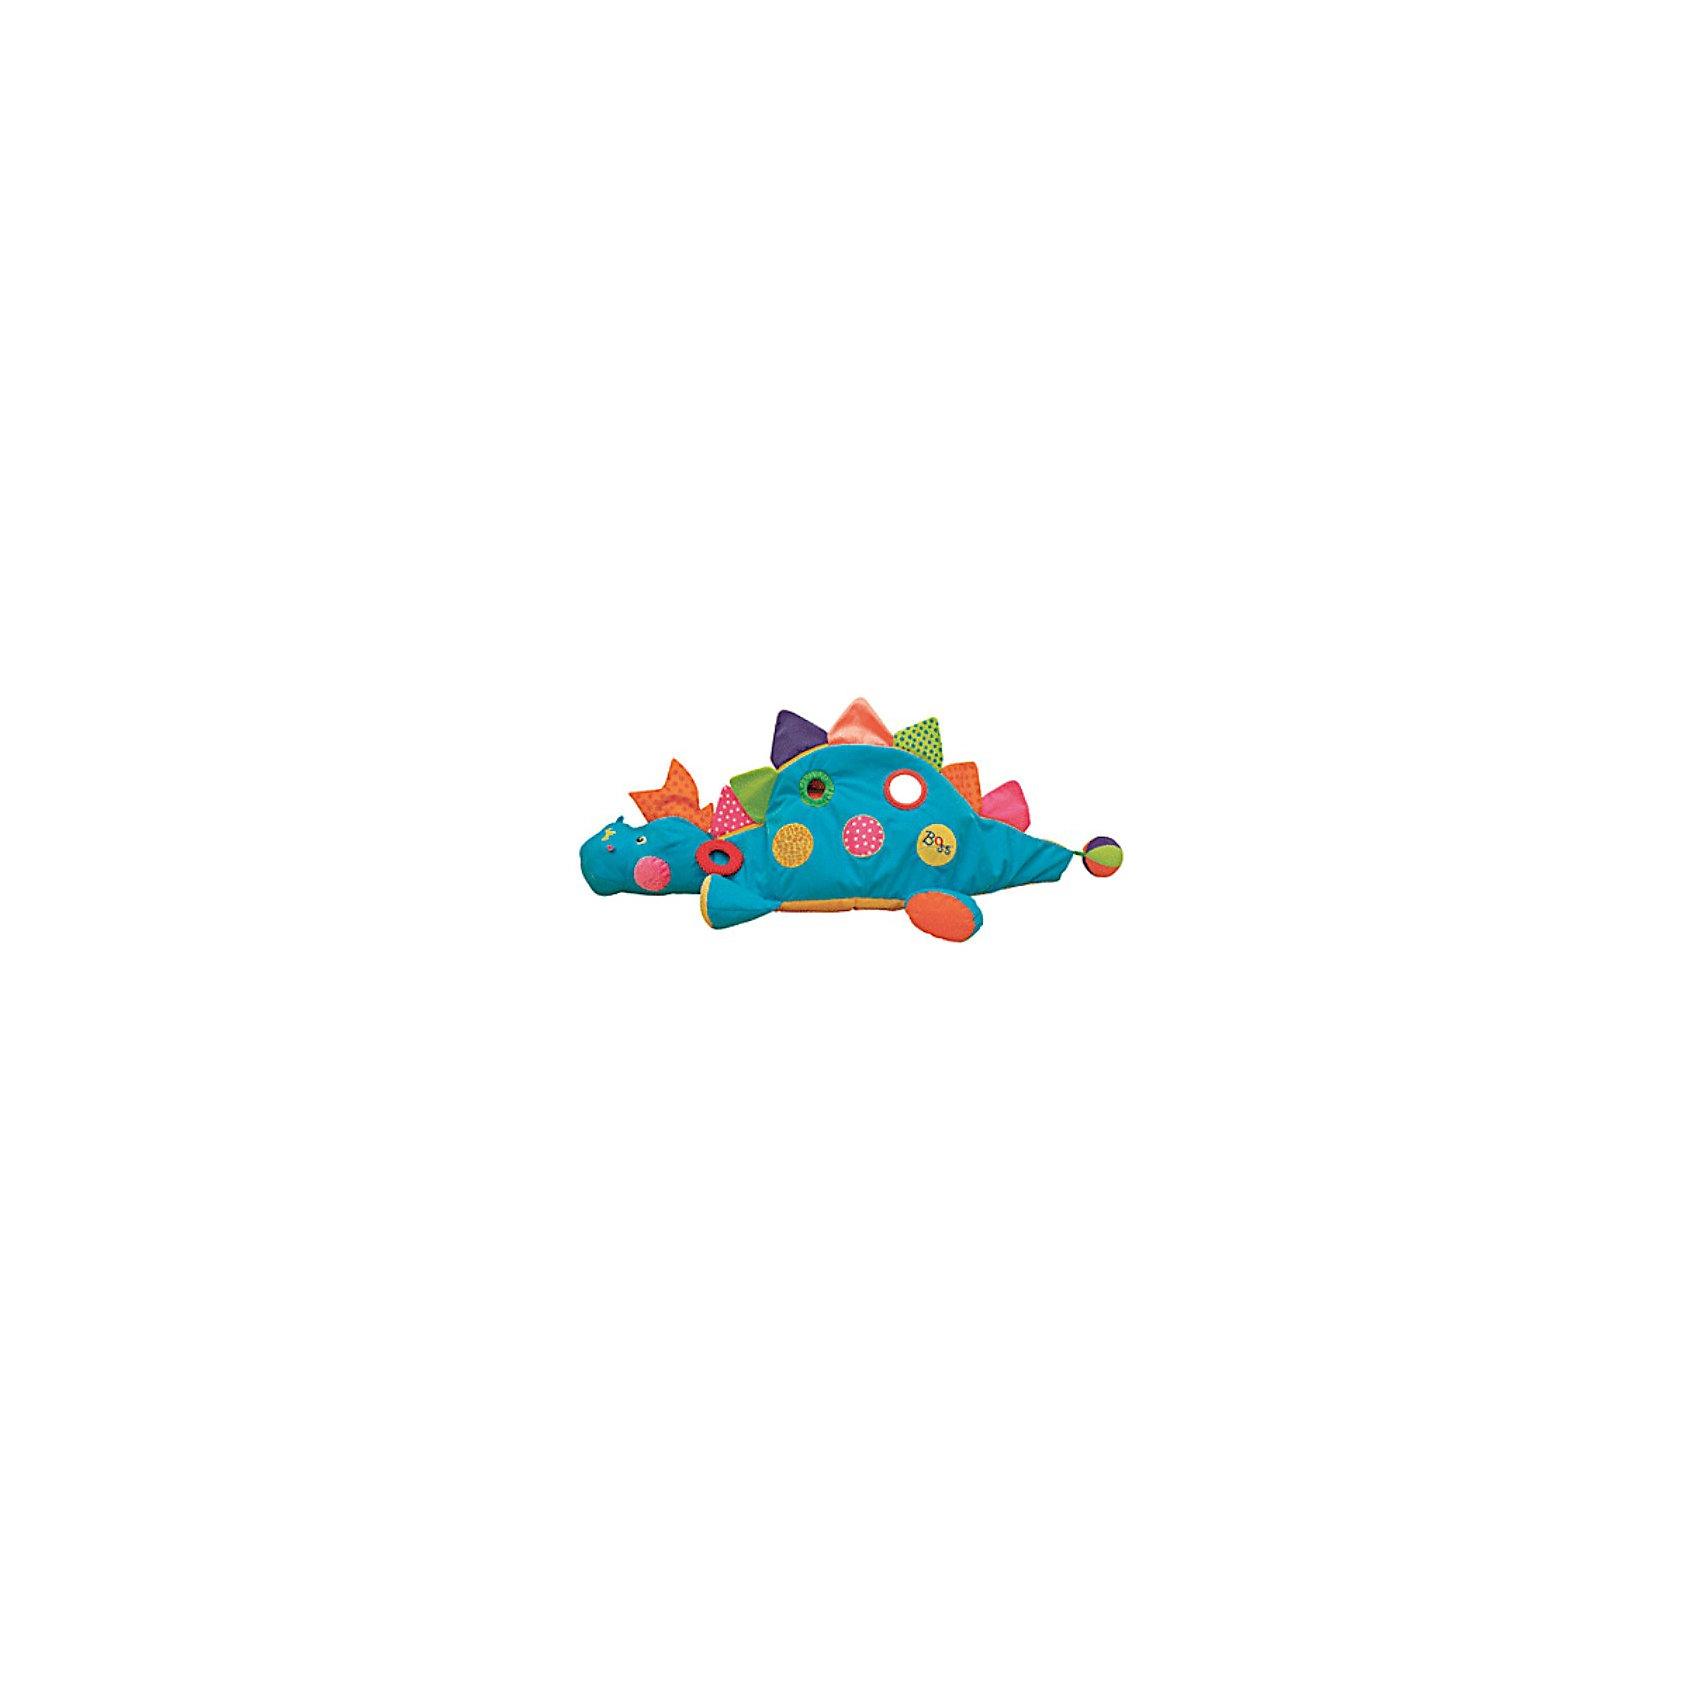 Ks Kids Развивающий центр BossМягкие игрушки<br>Этот развивающий центр стал одной из 10 лучших игрушек, которые появятся на рынке США в 2007году (Top 10 Toy Fair favorites for 2007). <br><br>Компания Ks Kids совместила в этой игрушке разные по цвету и фактуре материалы. Внутри динозаврика находятся мягкие цветные шарики, благодаря чему игрушка может превратиться в сухой бассейн, в котором ребёнок будет весело проводить время. Большой и лёгкий «I am the Boss» станет другом ребёнка, ведь новая эта игрушка позволит ребёнку развивать физическое, социальное и умственное развитие.<br><br>Дополнительная информация:<br><br>Длина игрушки: 120 см.<br><br>Материал: Мягкая ткань, пластик<br><br><br>Прекрасный развивающий центр для Вашего ребёнка.<br><br>Ширина мм: 510<br>Глубина мм: 550<br>Высота мм: 200<br>Вес г: 1867<br>Возраст от месяцев: 12<br>Возраст до месяцев: 36<br>Пол: Унисекс<br>Возраст: Детский<br>SKU: 2148731